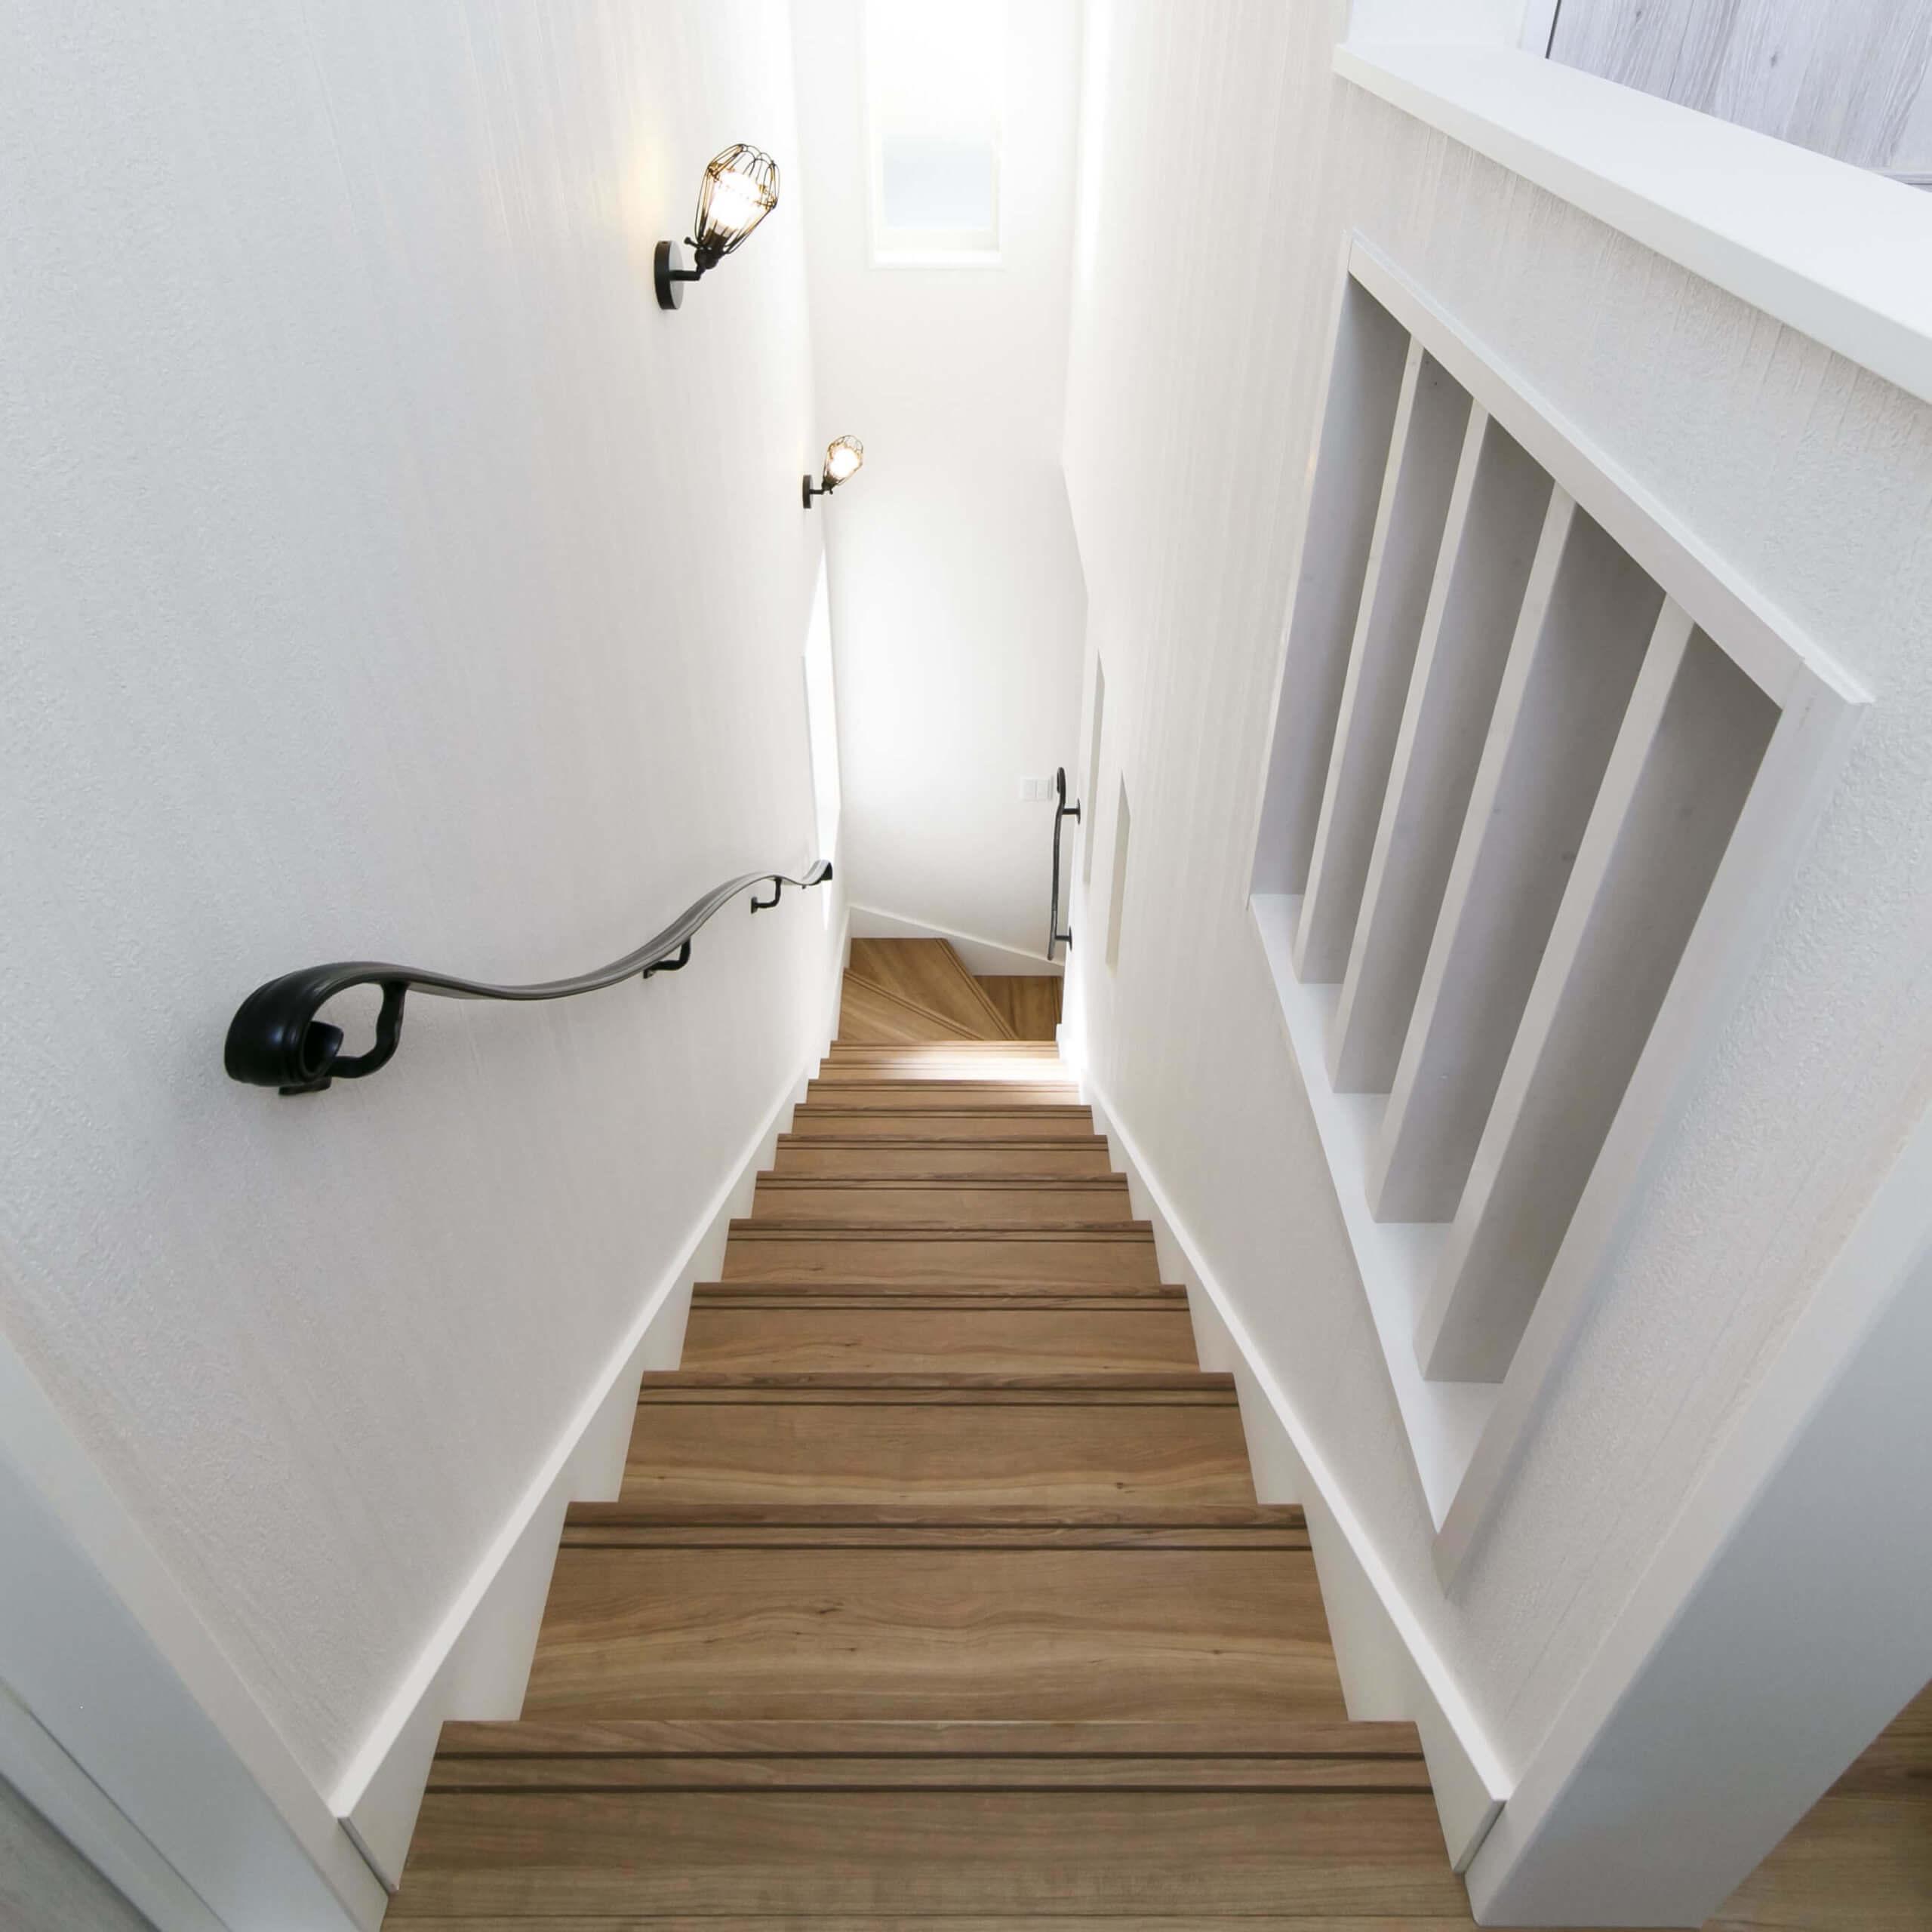 宇都宮市の注文住宅事例 階段